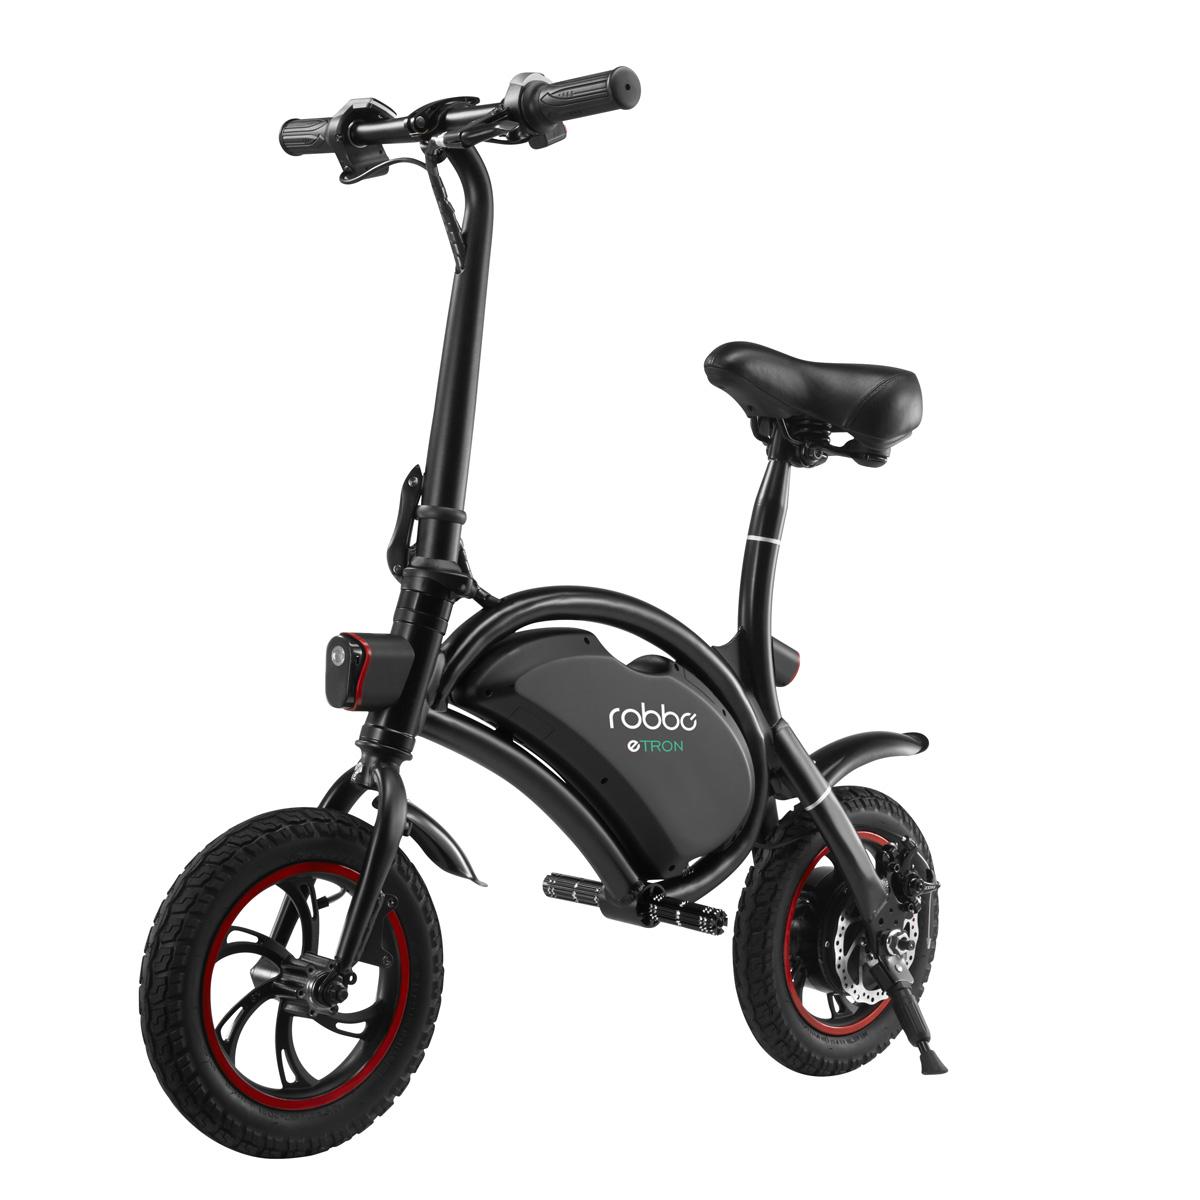 električni mini skuter robbo e tron